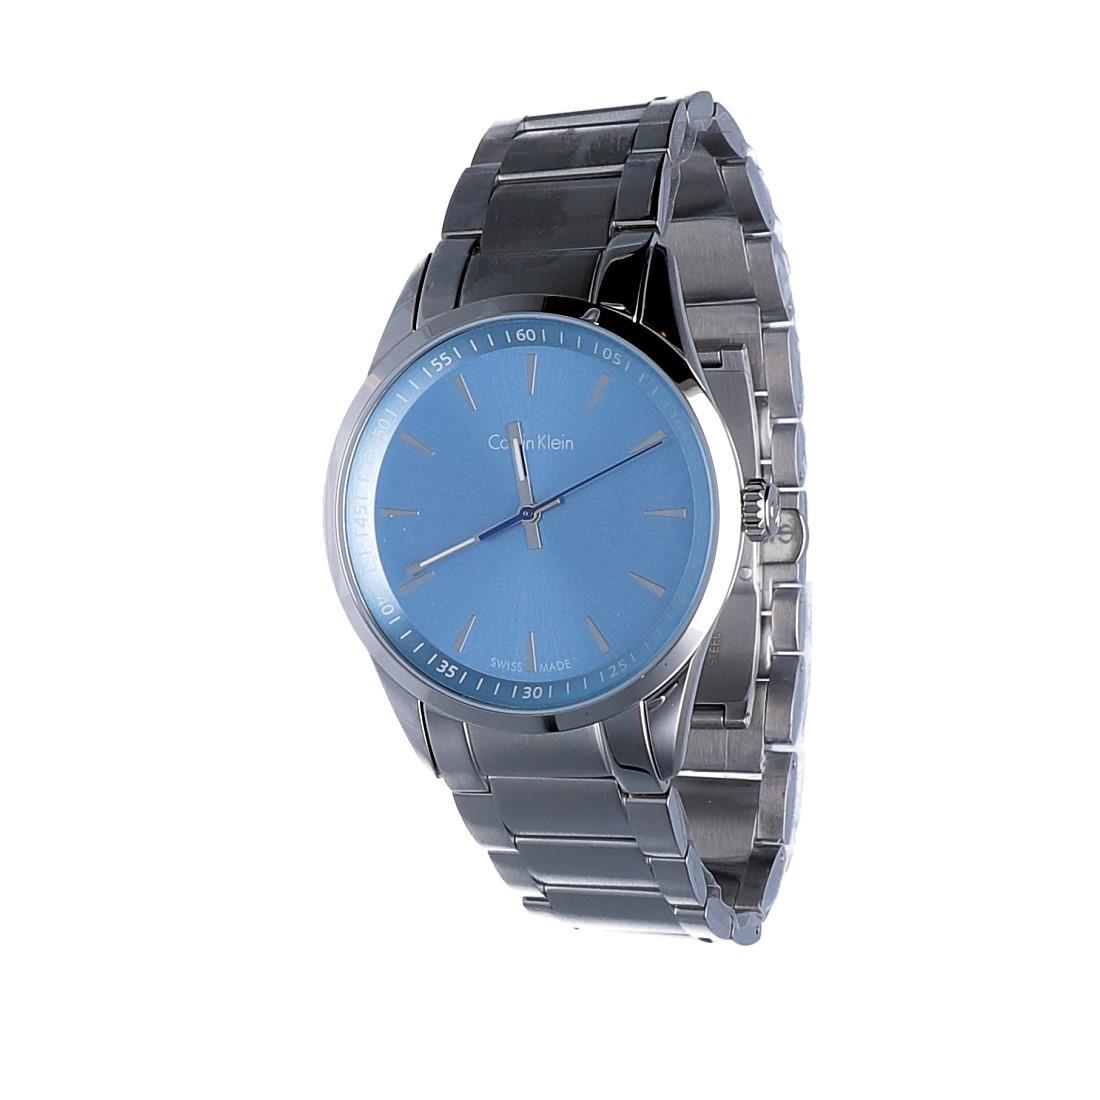 Orologio Calvin Klein Bold 41 mm - CALVIN KLEIN